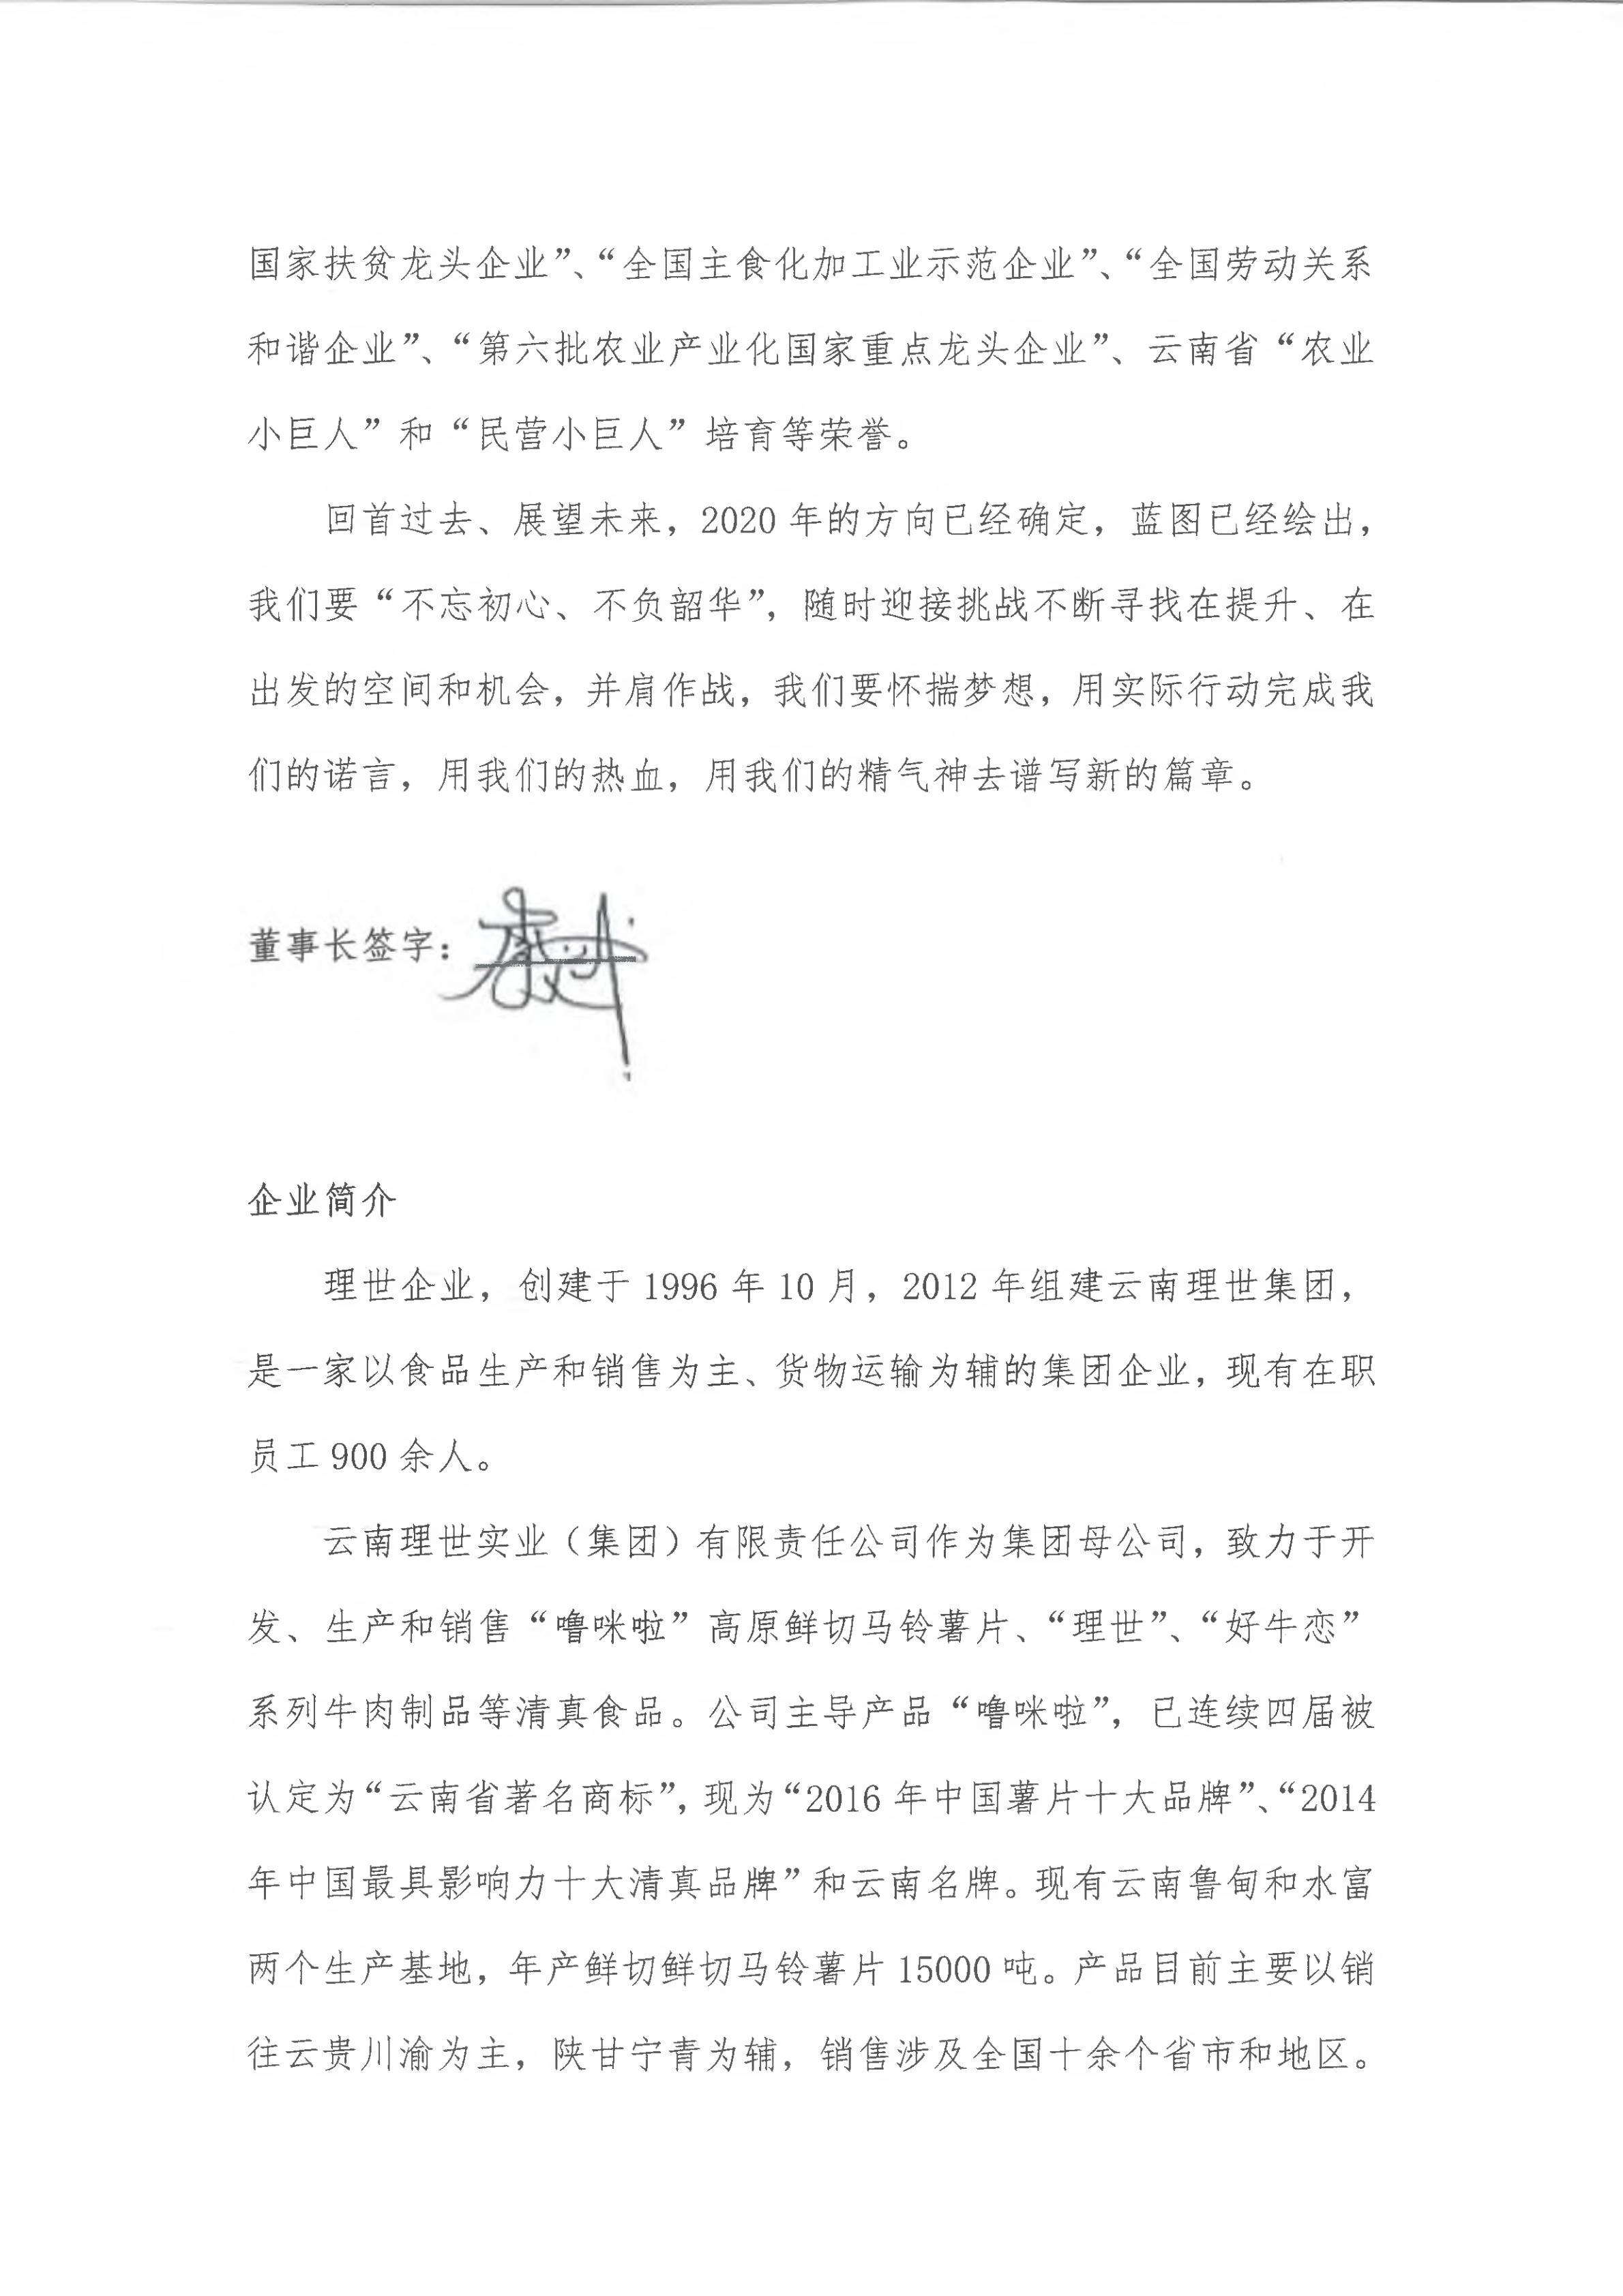 云南理世实业(集团)有限责任公司2019年社会责任报告.FR11_03.jpg